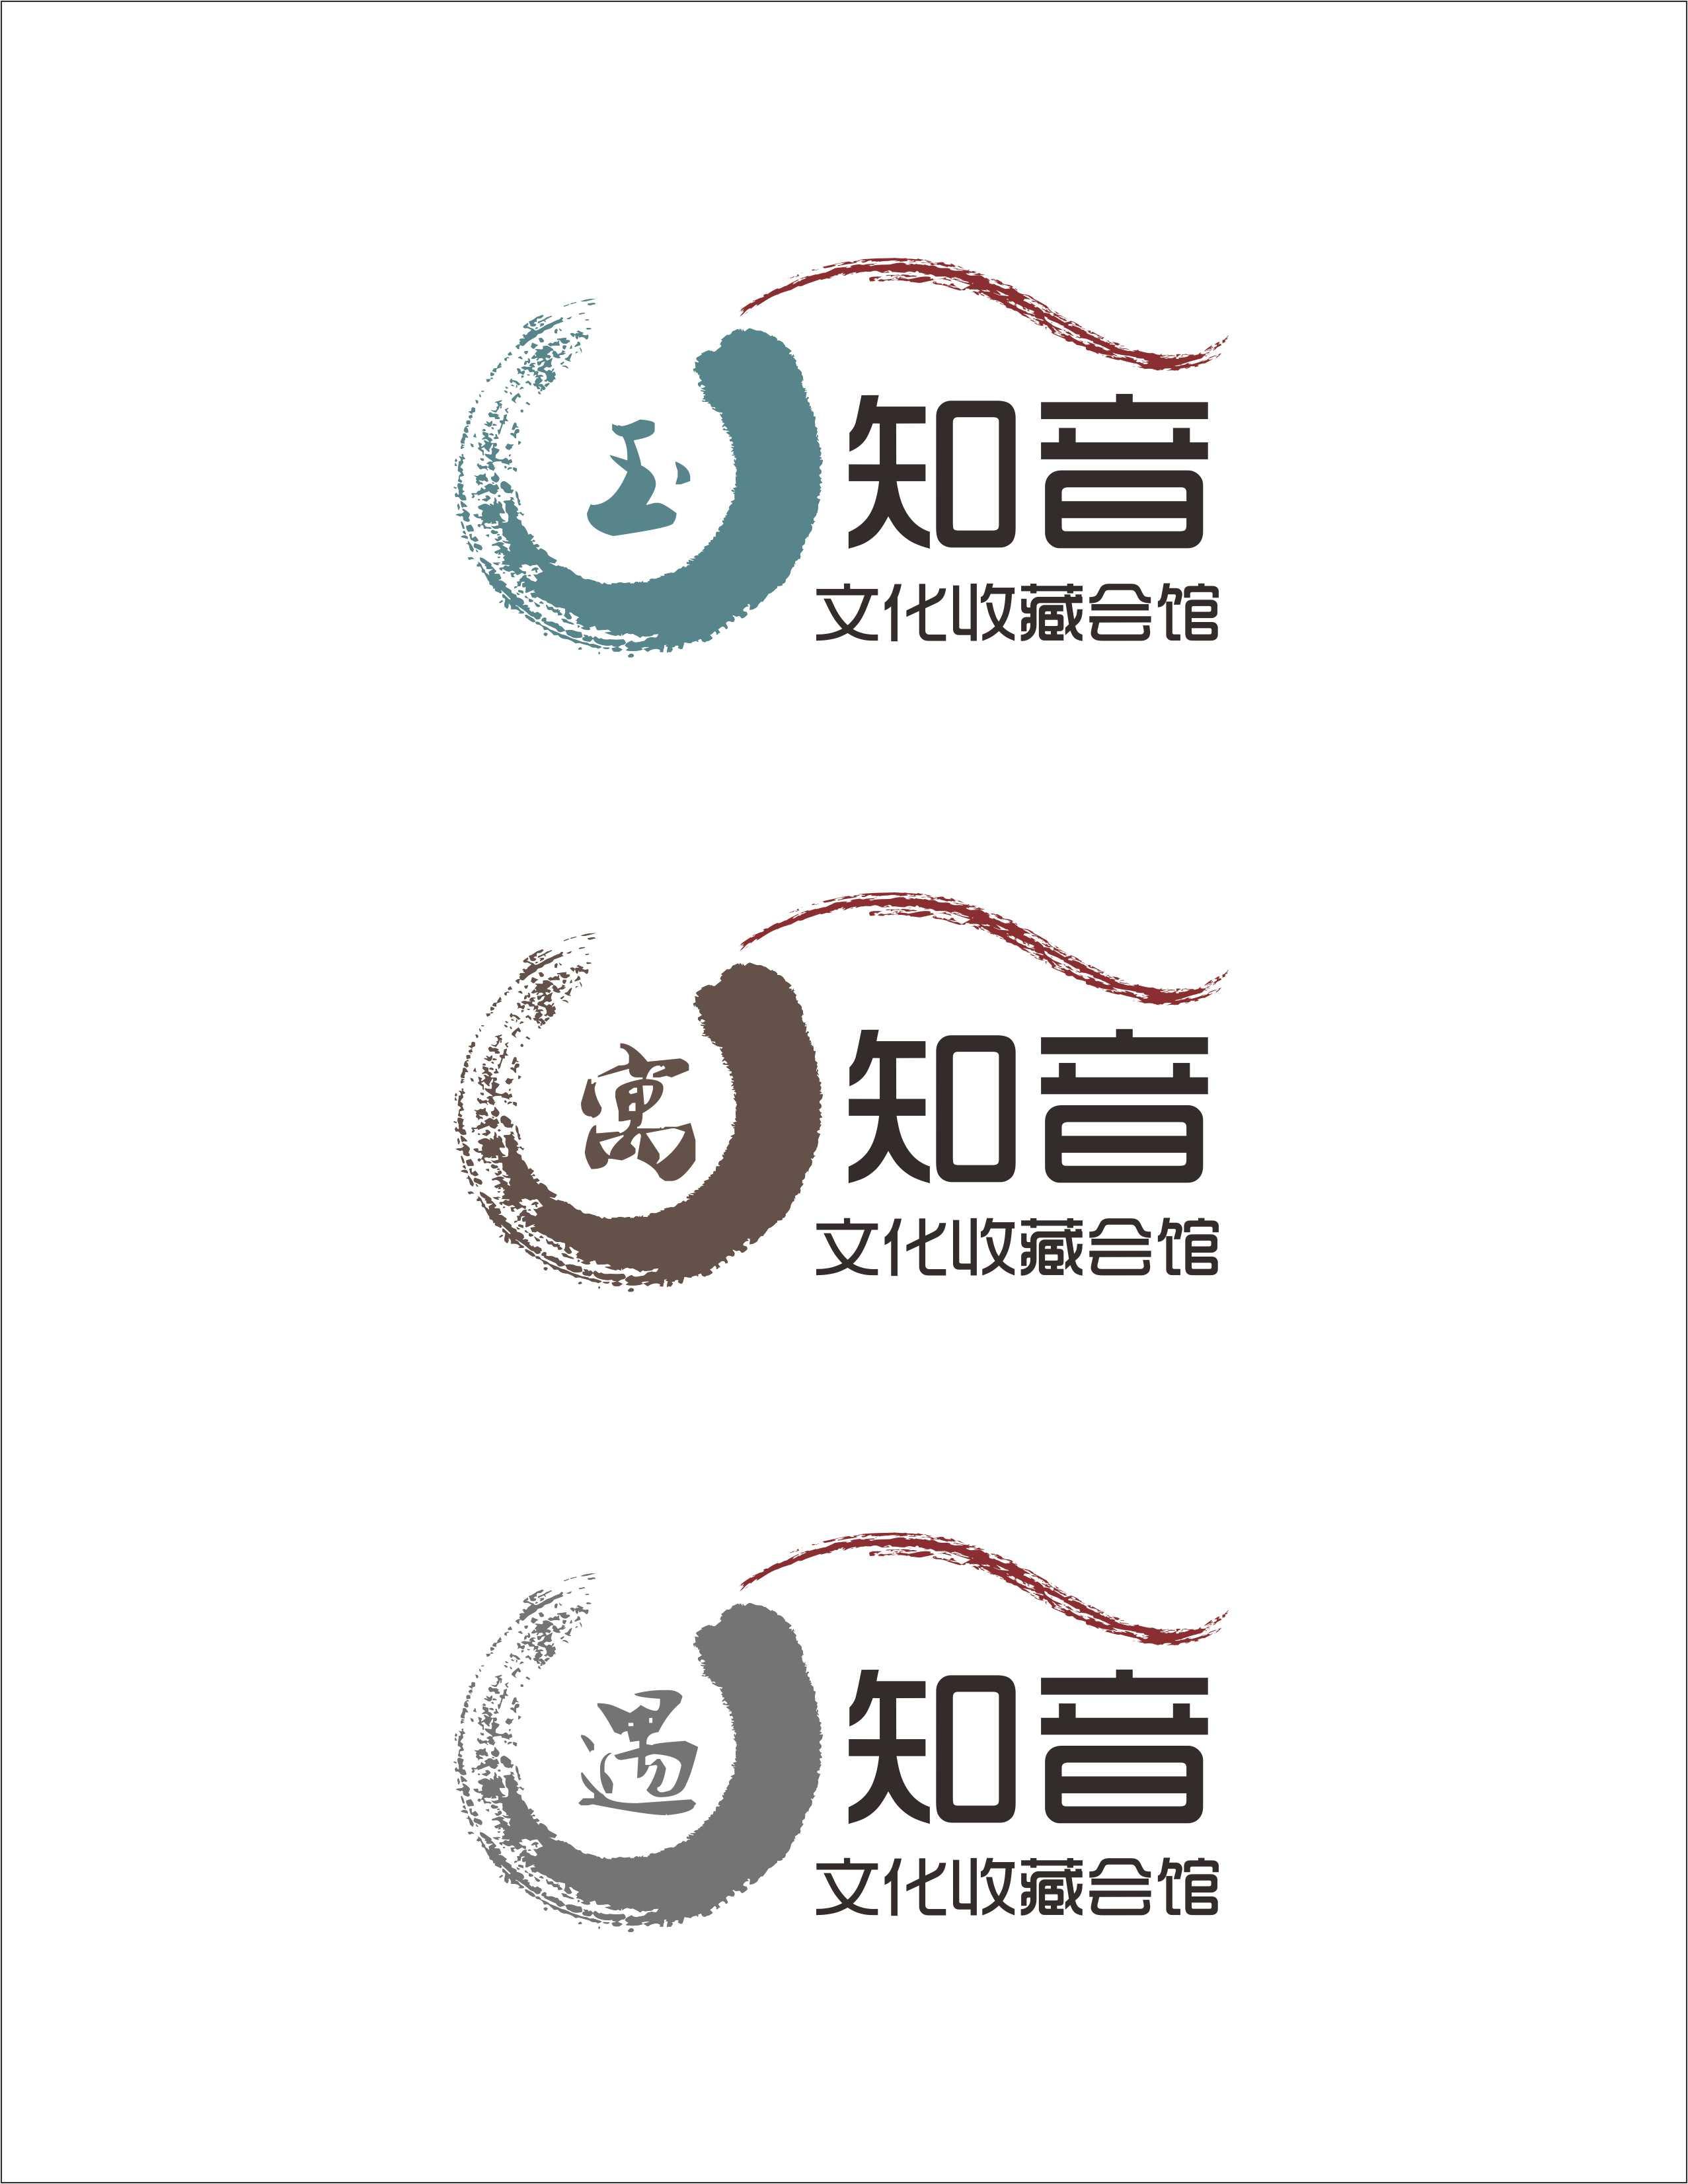 logo中的水墨圆形寓意